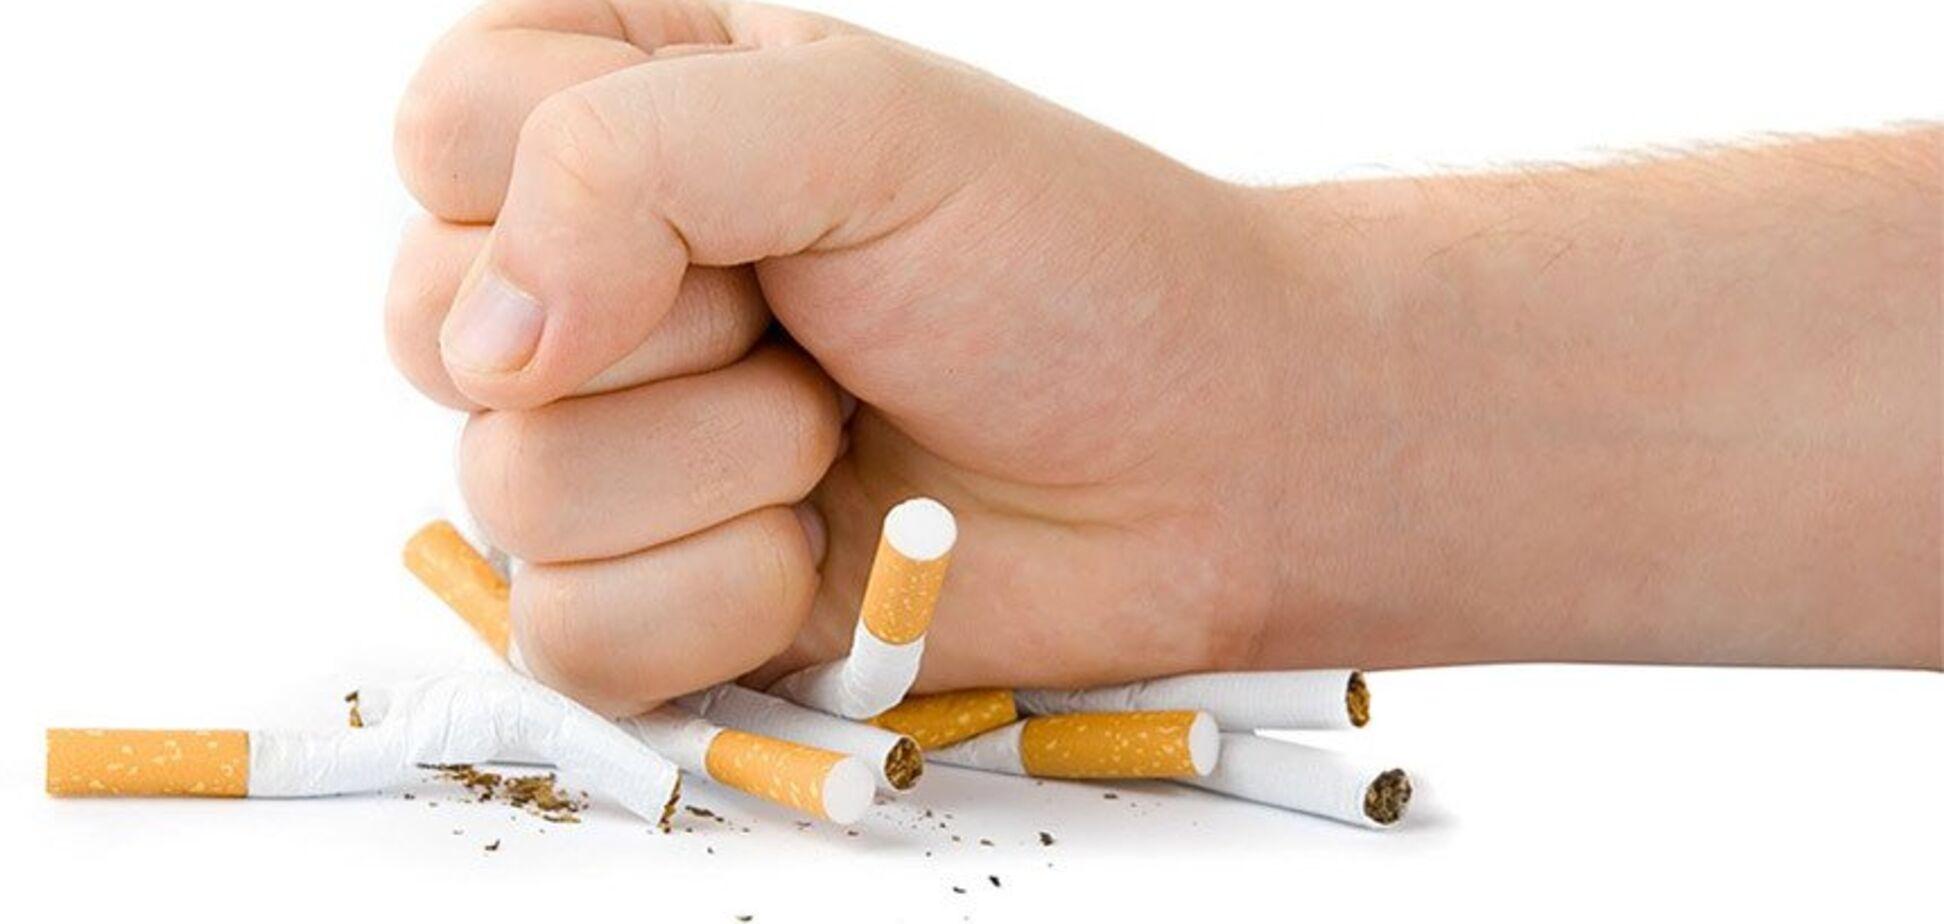 Позже будет поздно: названо идеальное время, чтобы бросить курить